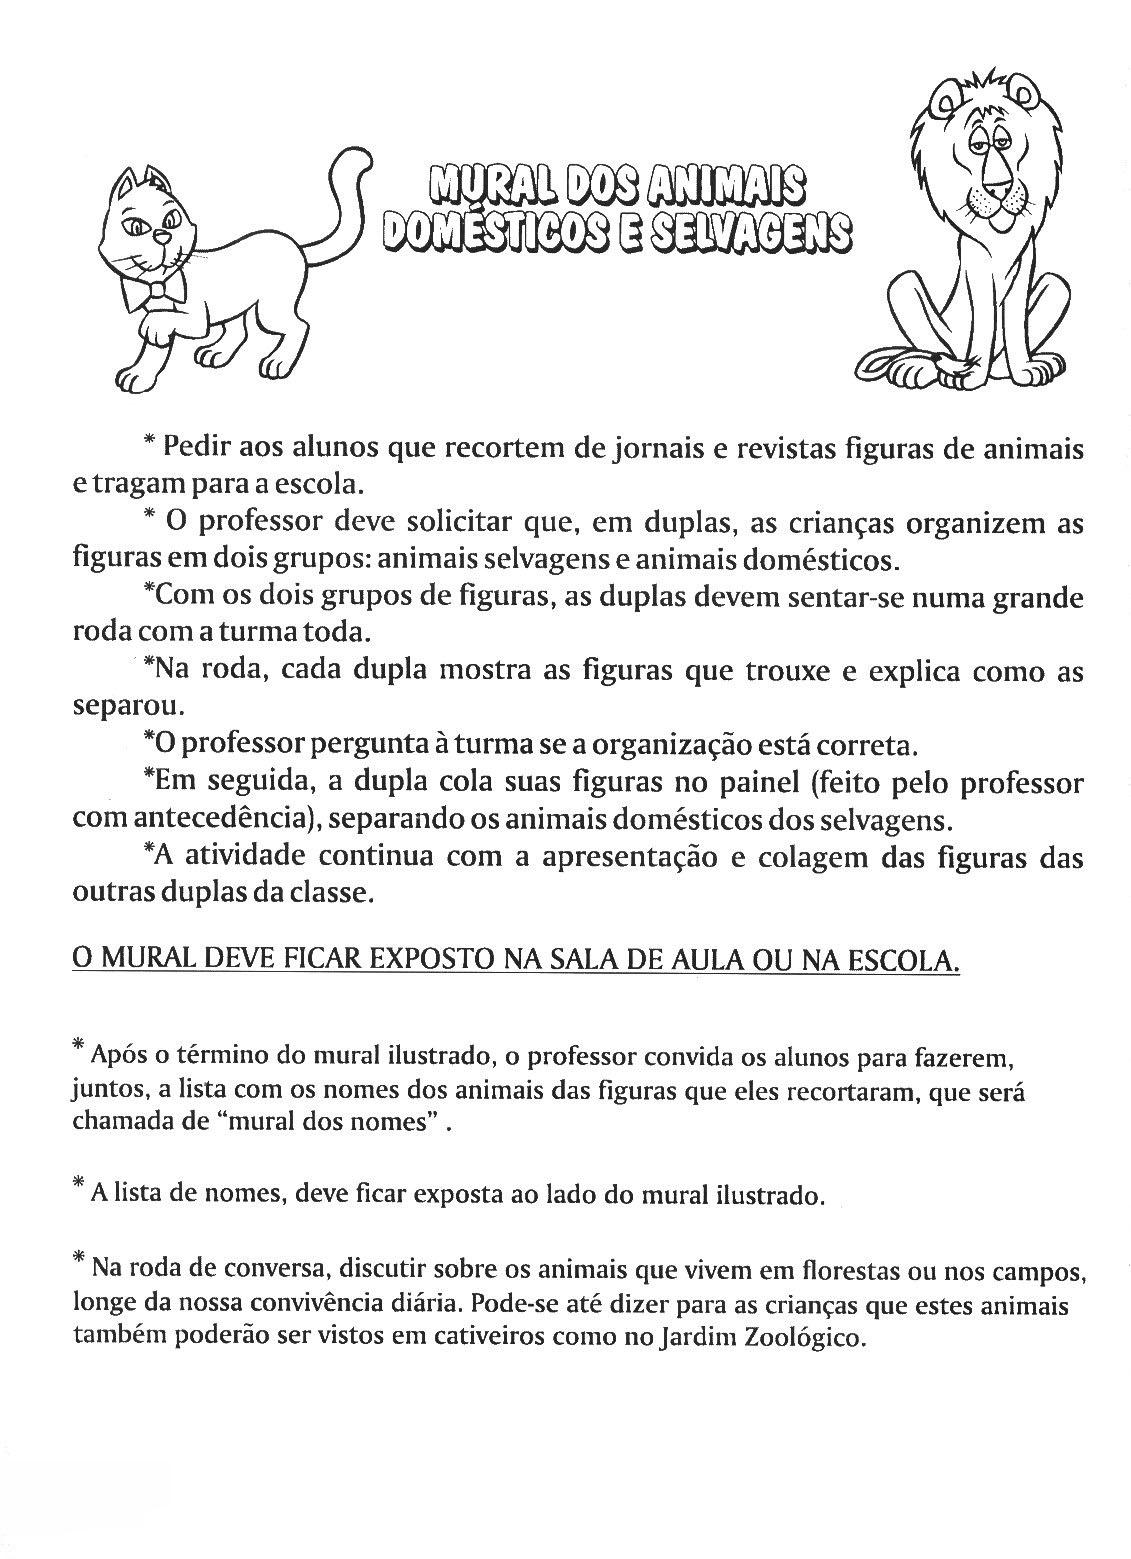 Top Atividades da tia: ATIVIDADES EDUCAÇÃO INFANTIL MEIO AMBIENTE  KK97